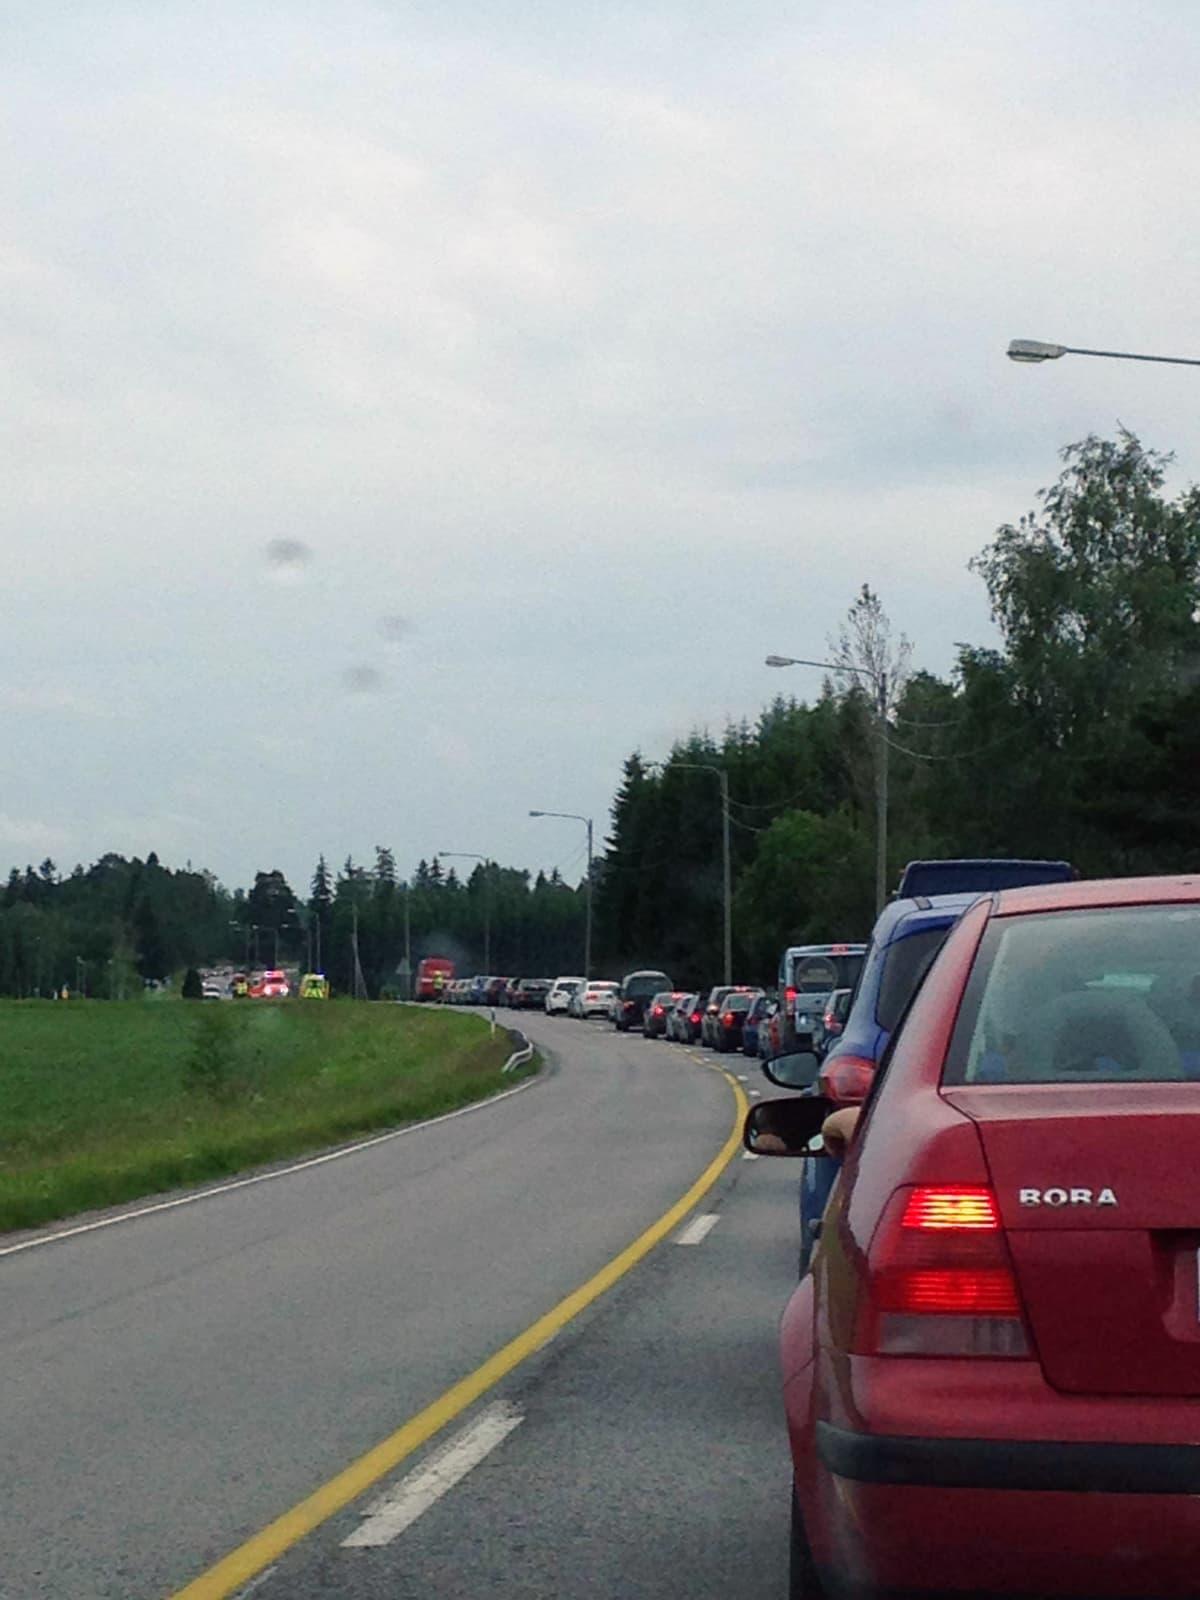 Onnettomuus Vandontiellä. Liikenne jonoutuu.